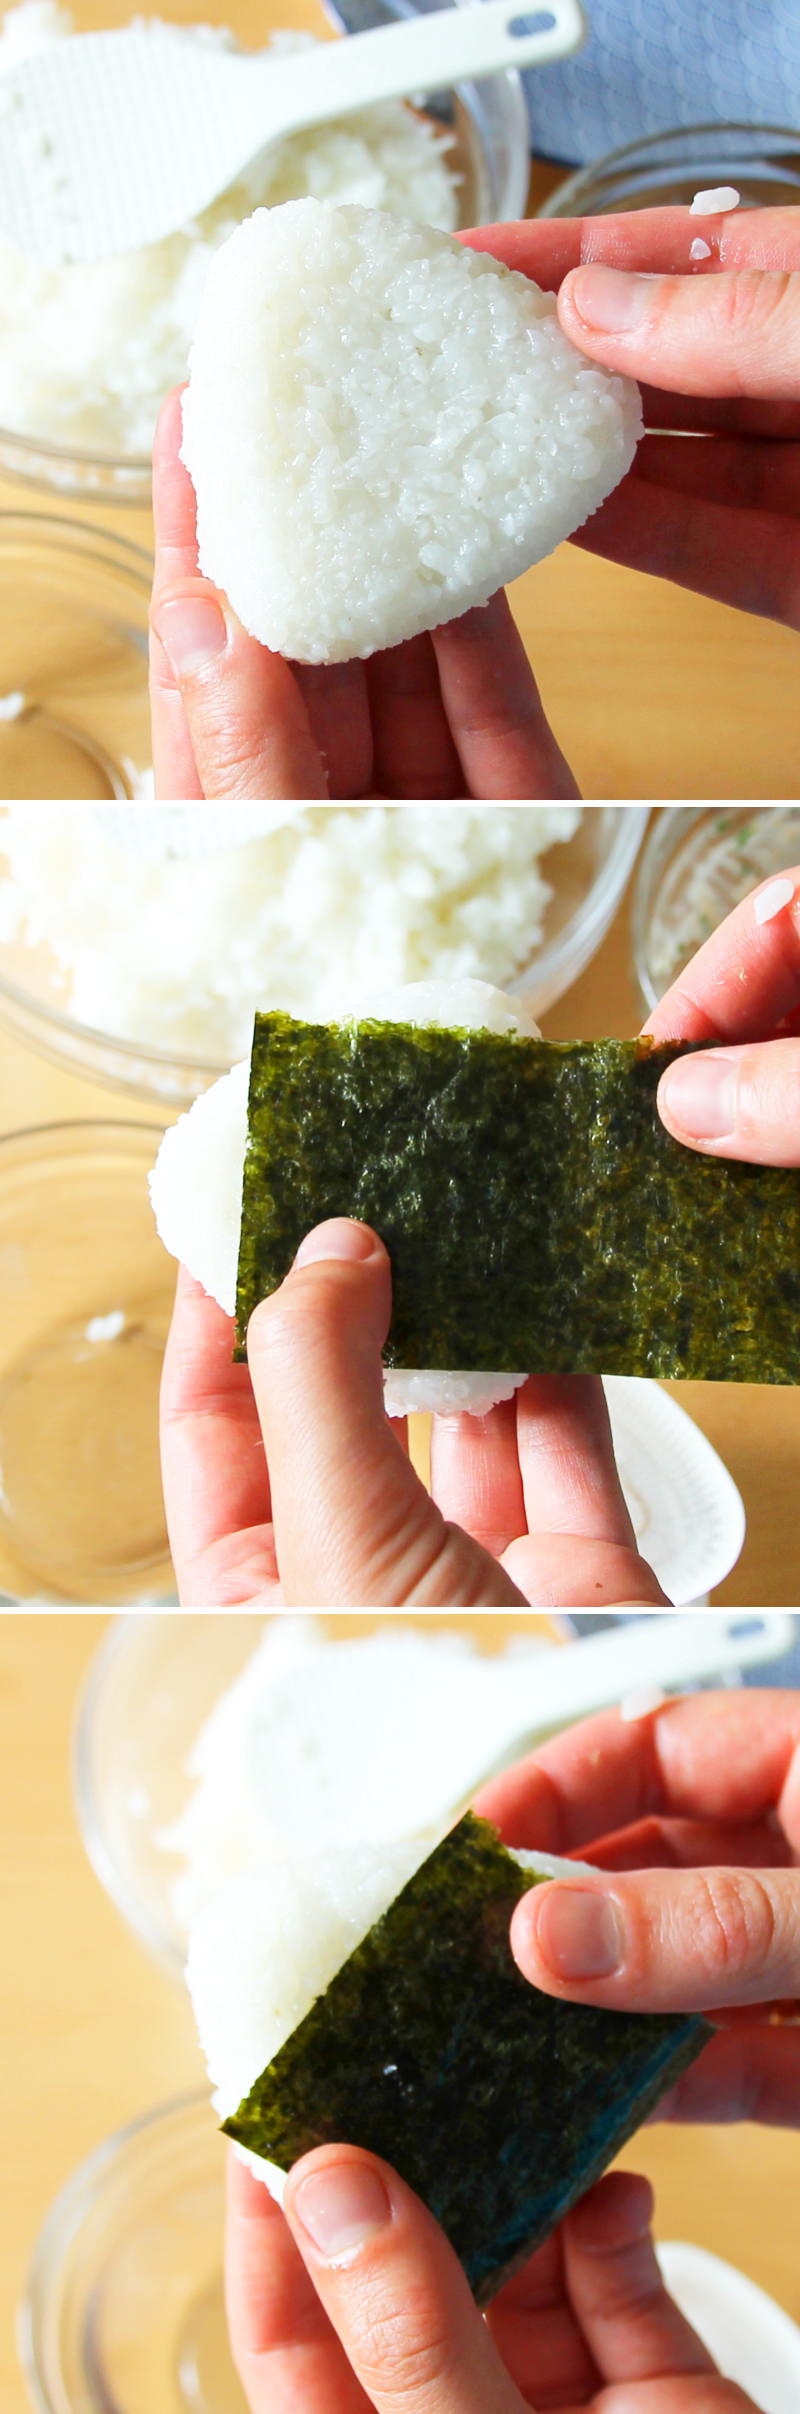 Onigiri mit Lachs Schritt 8 Reisdreiecke mit Nori umwickeln